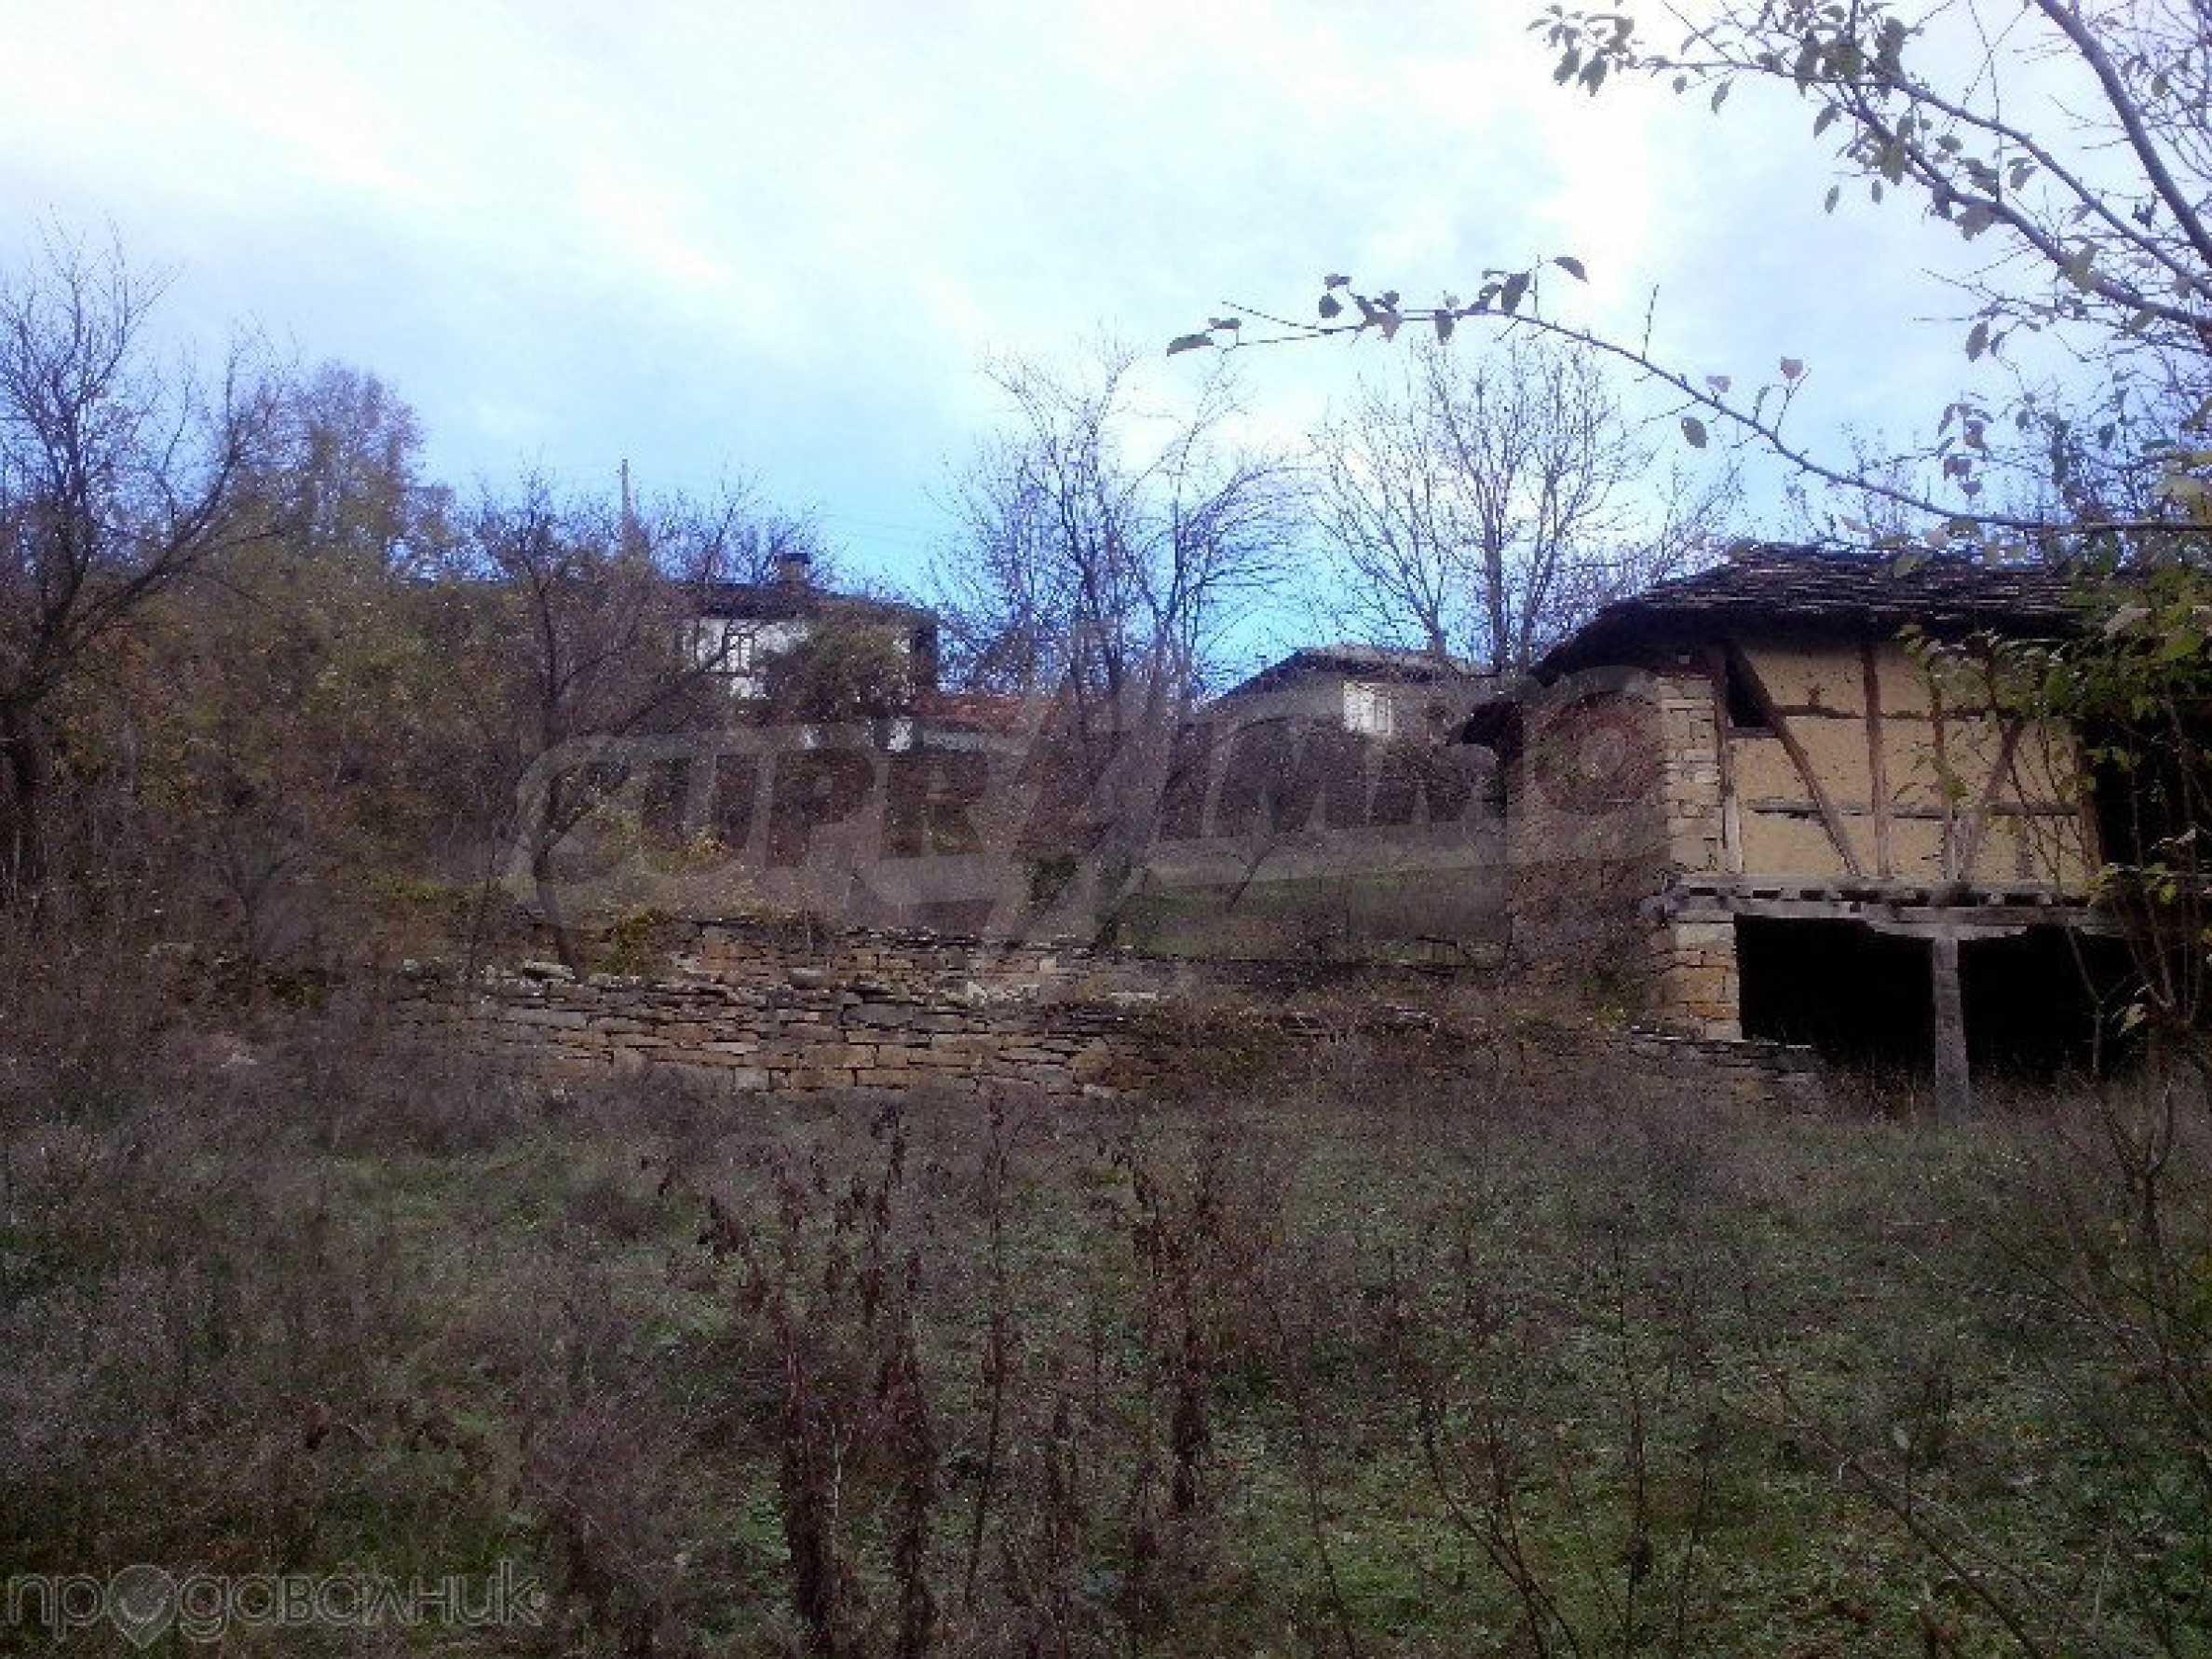 Tolles Grundstück auf dem trojanischen Balkan, 9 km von der Stadt entfernt 6